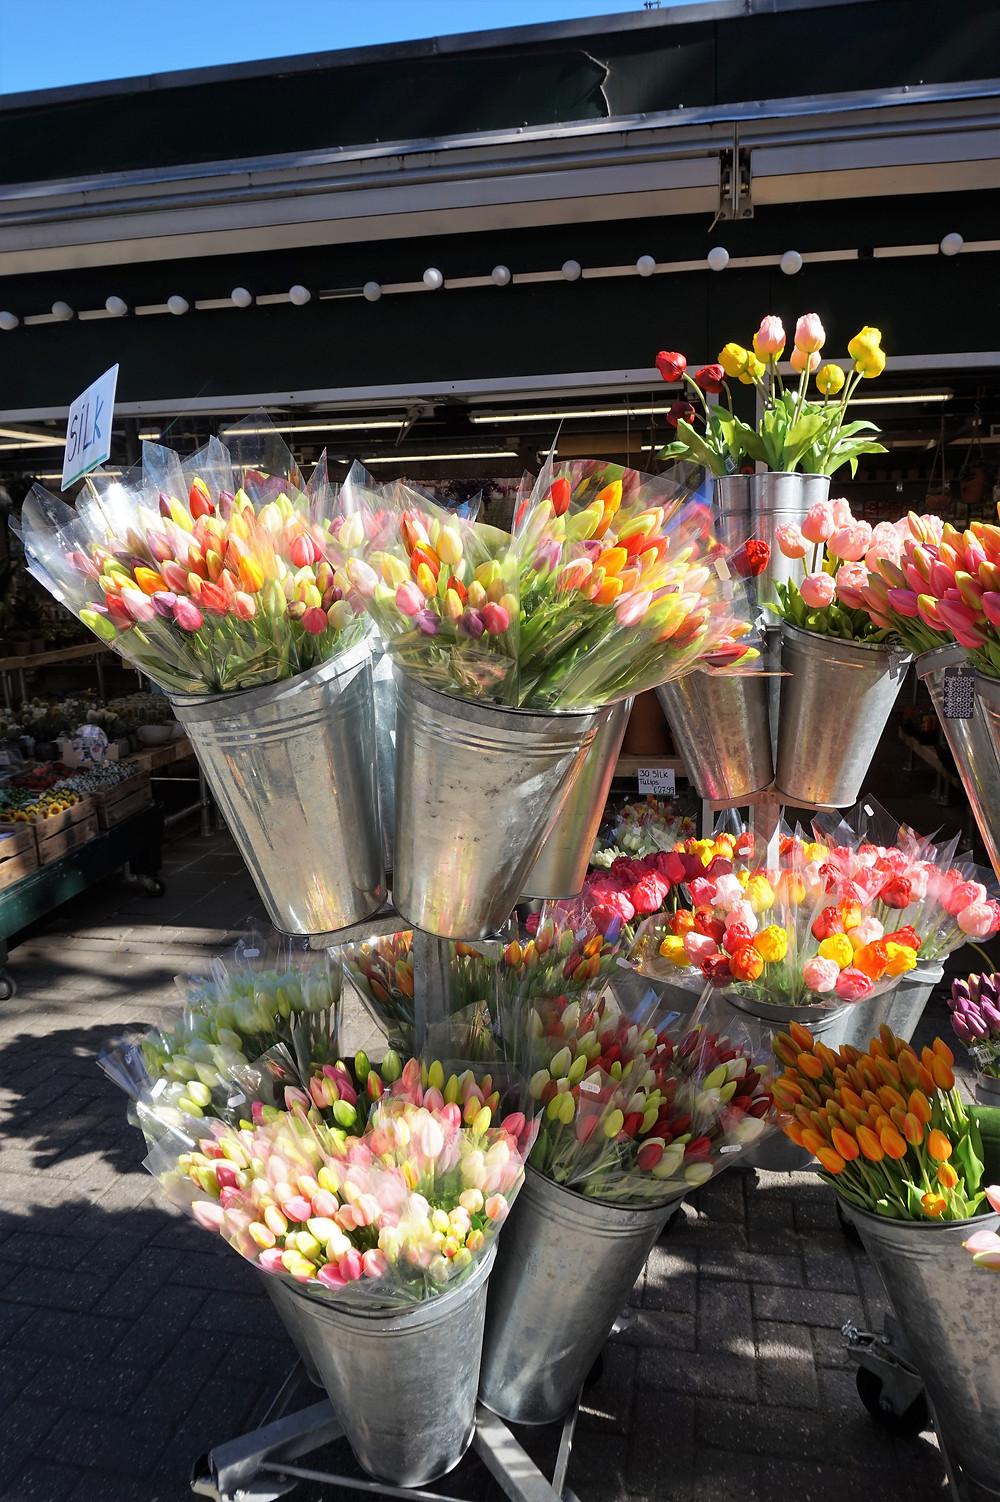 mercado flores amsterdam